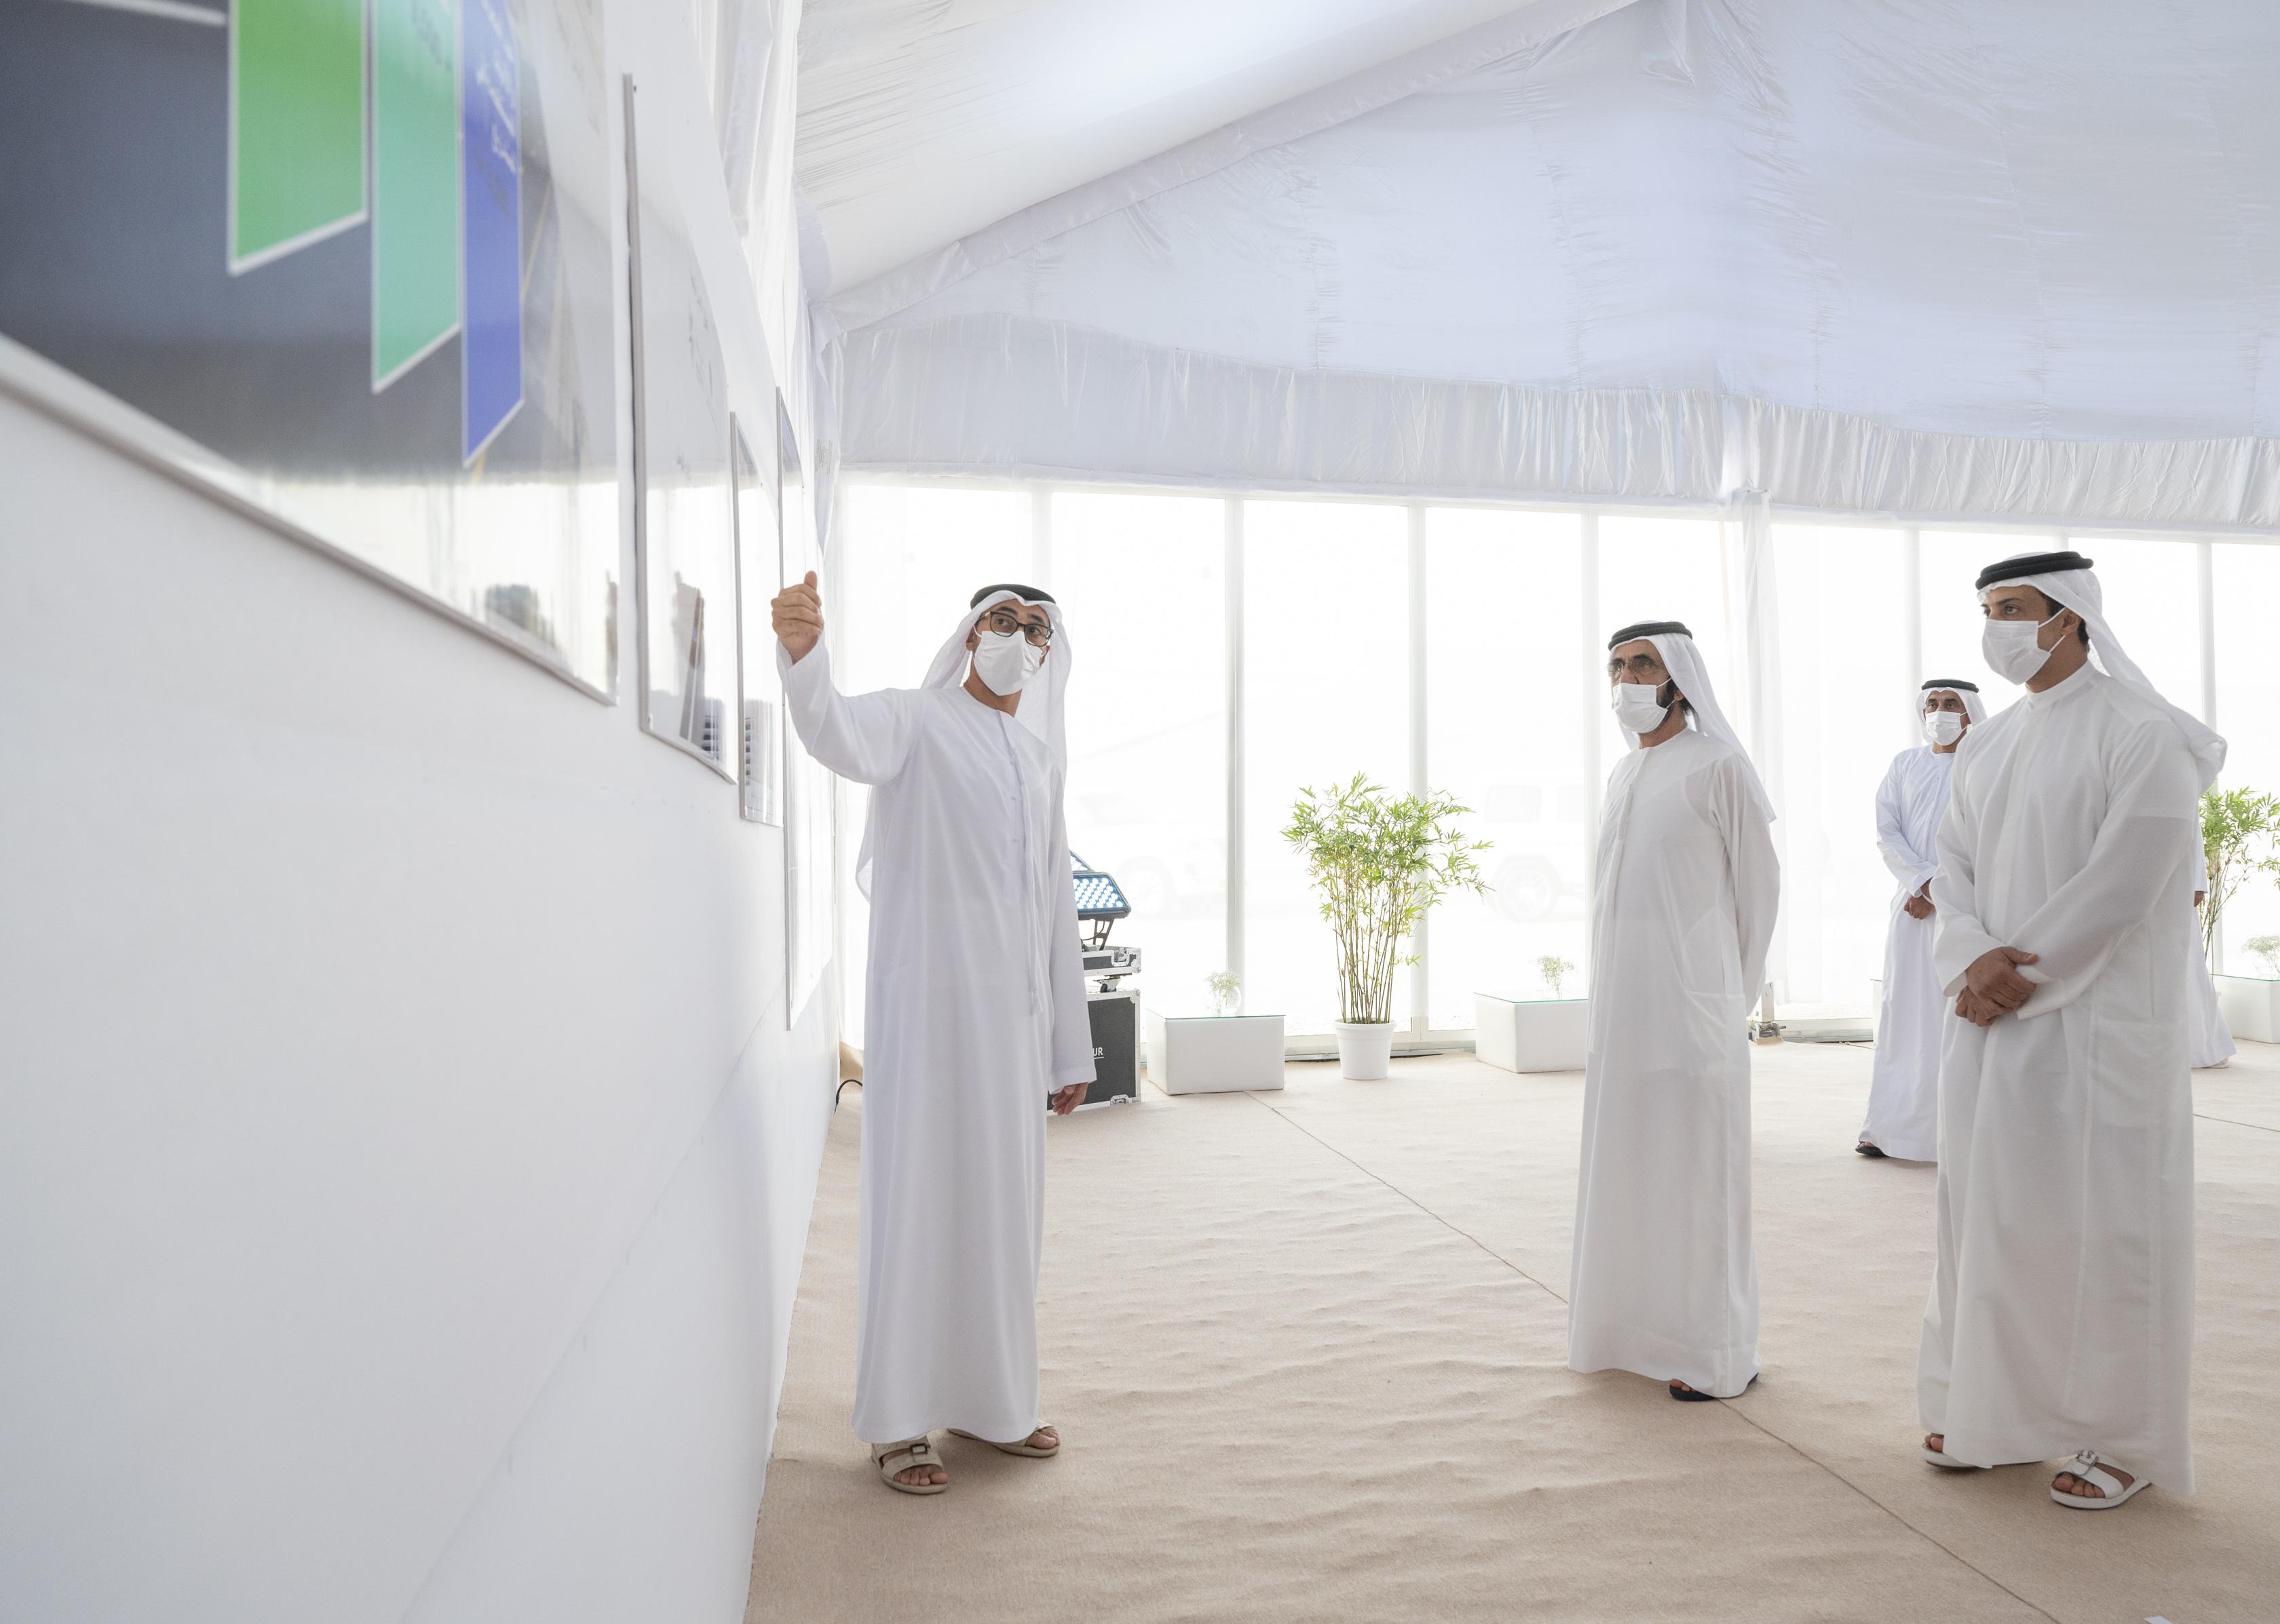 محمد بن راشد يفتتح مشاريع طرق إستراتيجية لتعزيز شبكة الربط بين إمارات الدولة باستثمارات 1.95 مليار درهم